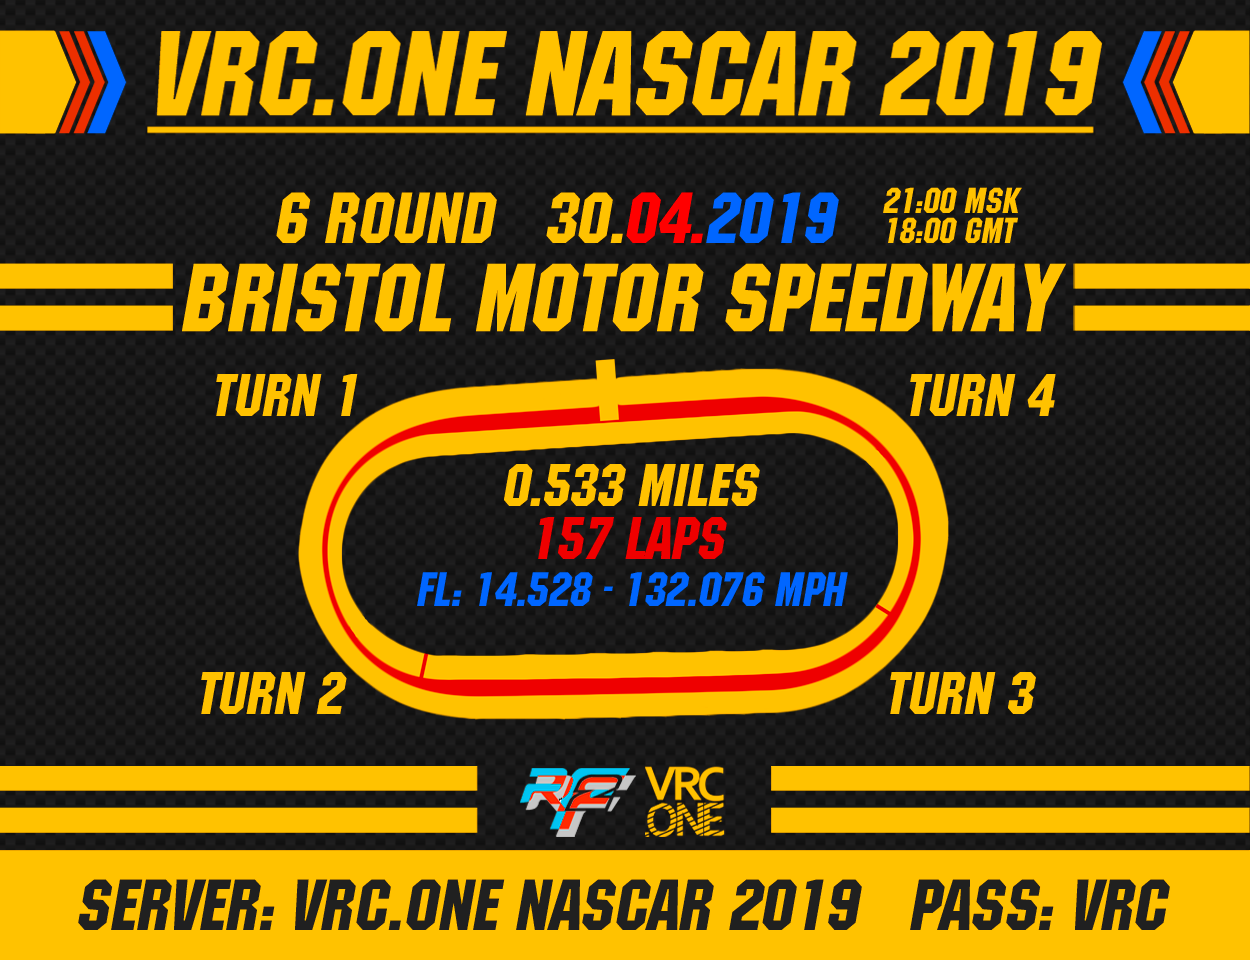 VRC NASCAR 2019 - Round 6 - Bristol